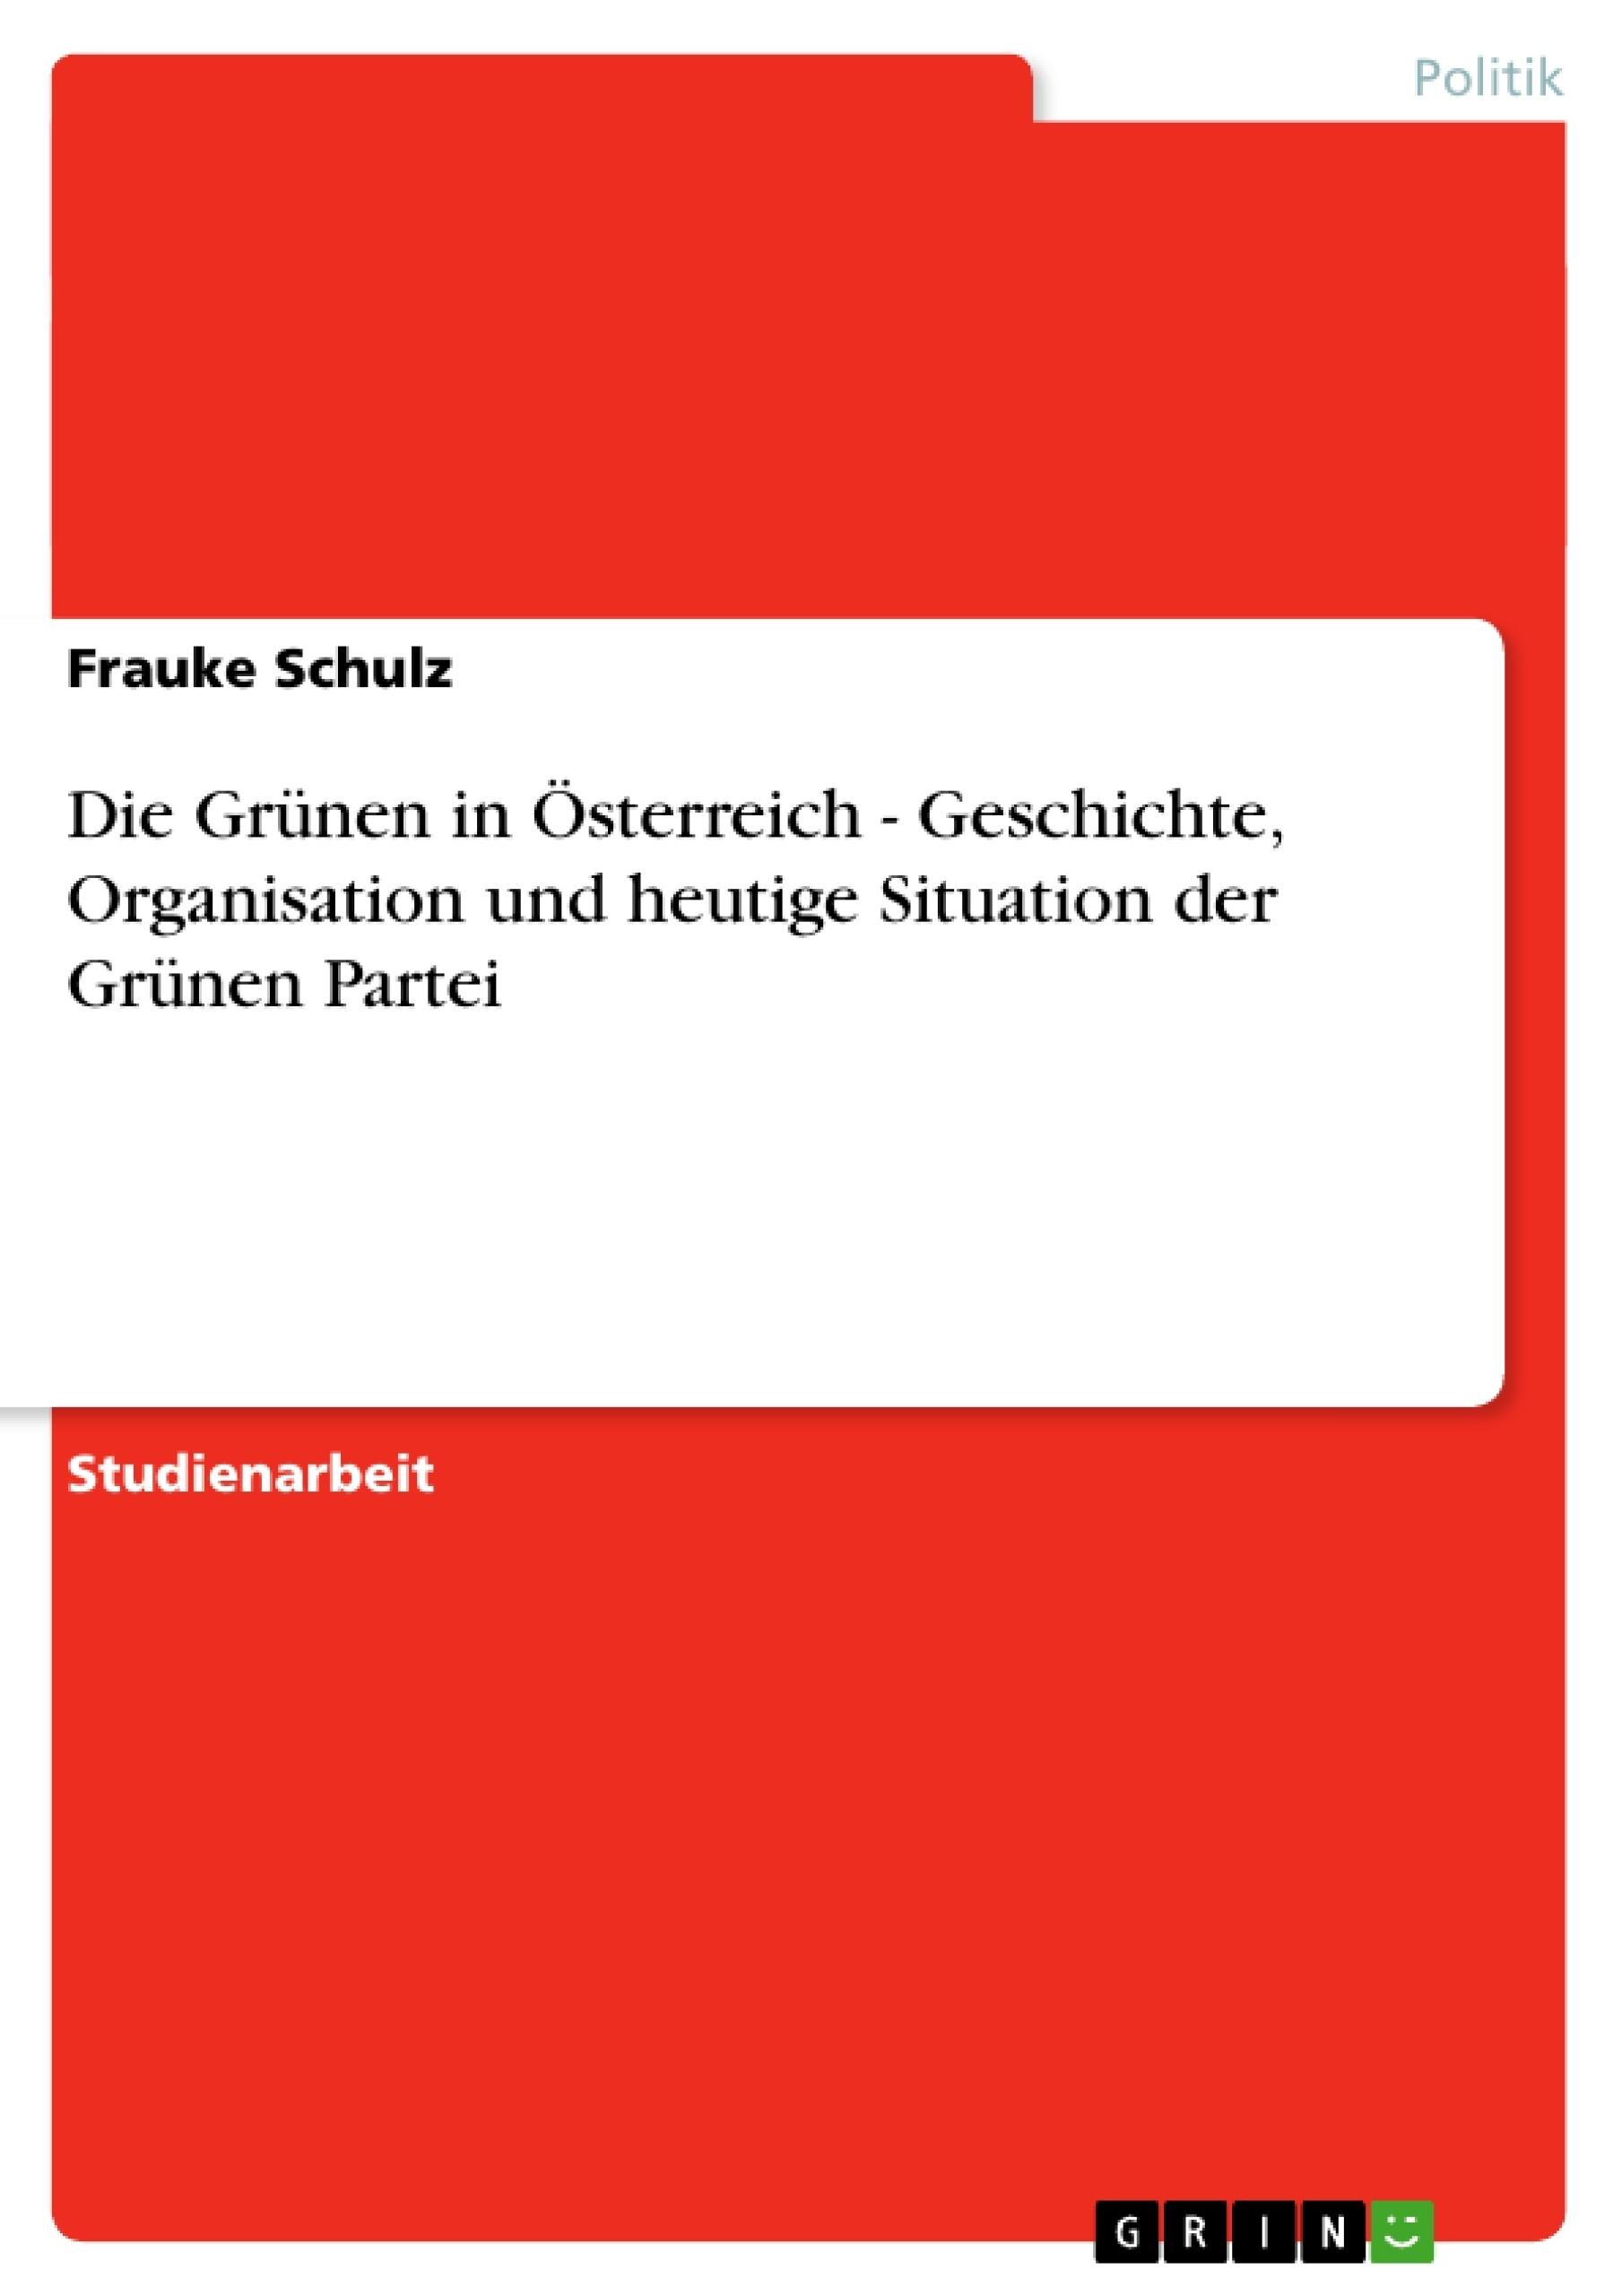 Titel: Die Grünen in Österreich - Geschichte, Organisation und heutige Situation der Grünen Partei